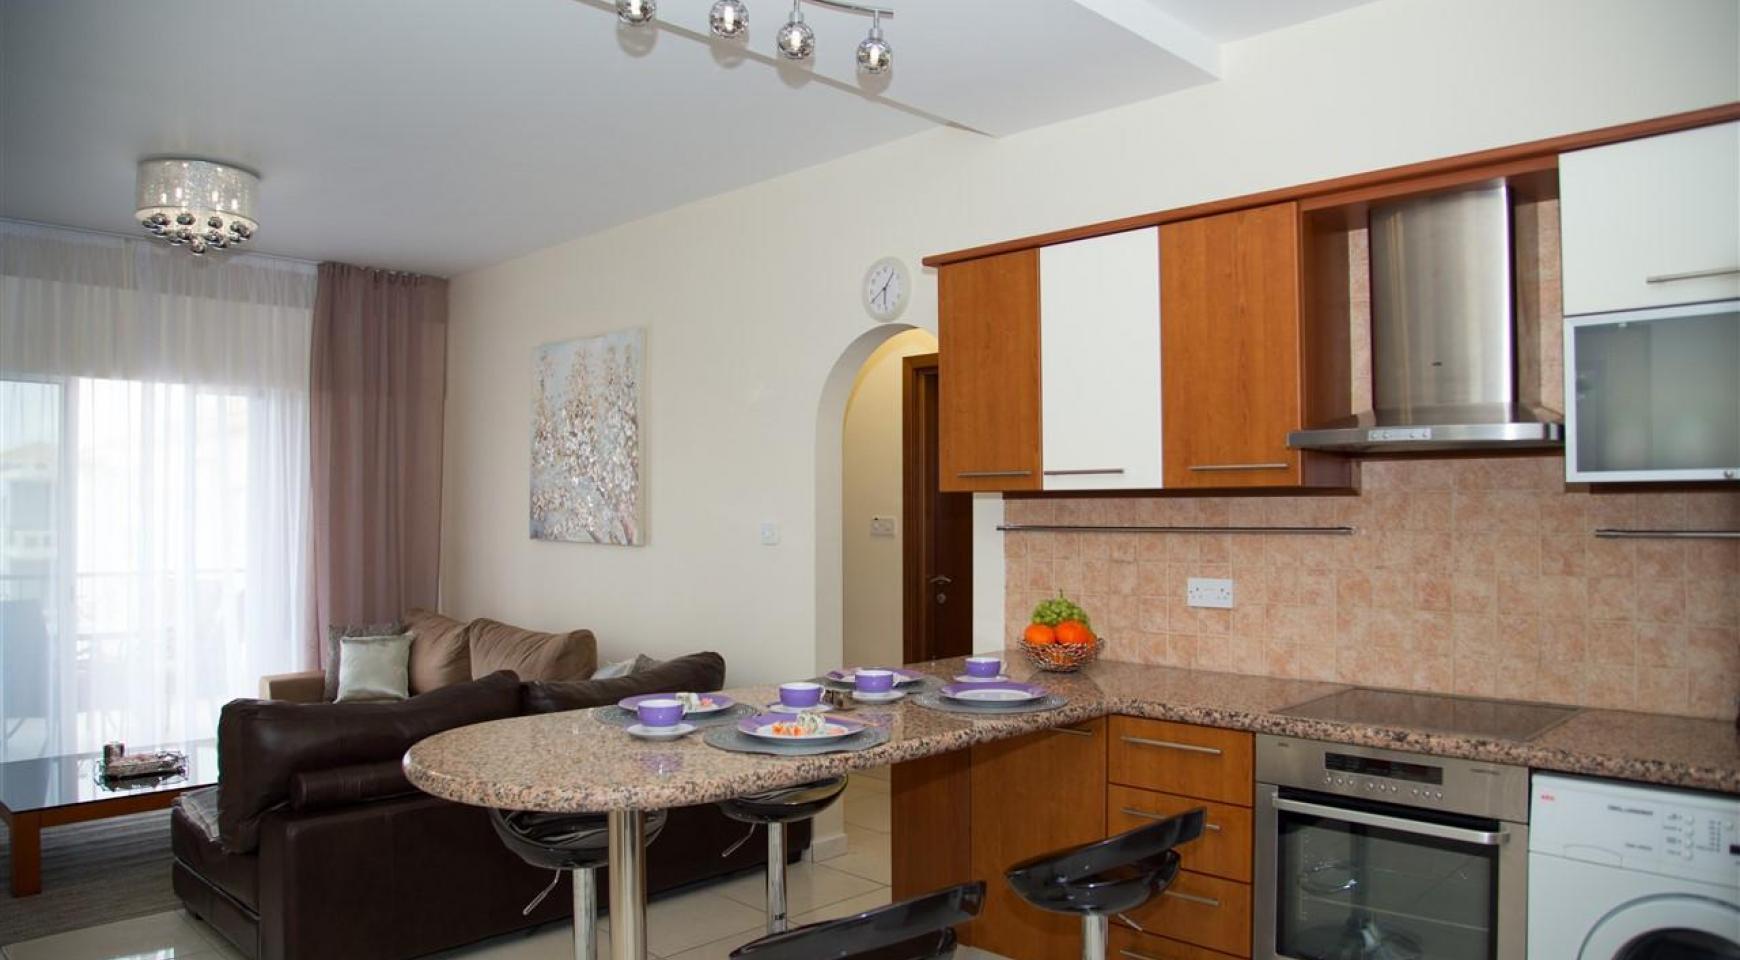 """2-Спальная Квартира - Люкс """"Mesogios Iris 304"""" в Туристической Зоне возле Моря - 9"""